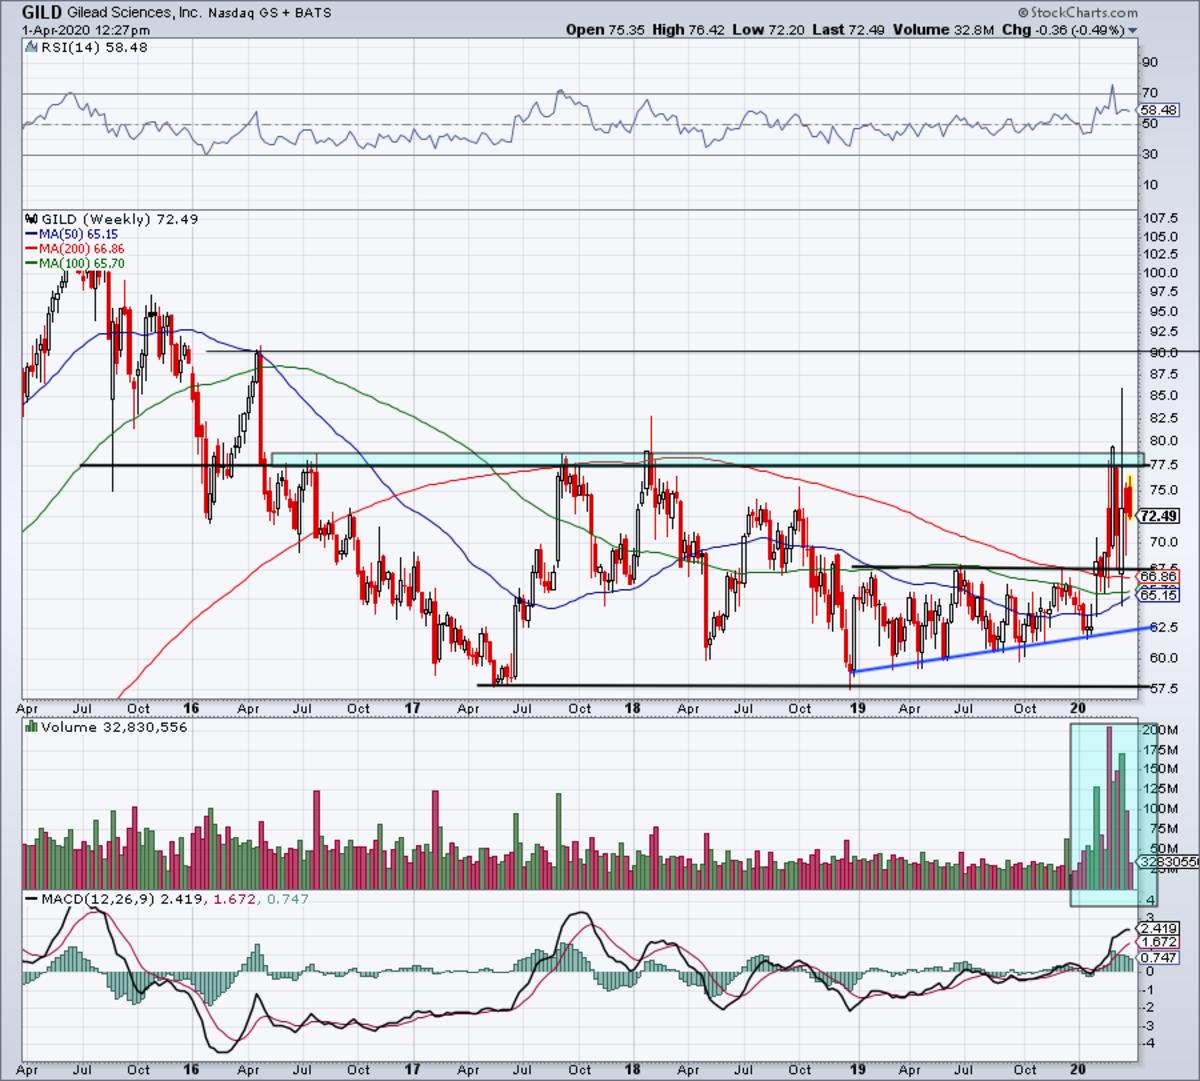 Weekly chart of Gilead stock.